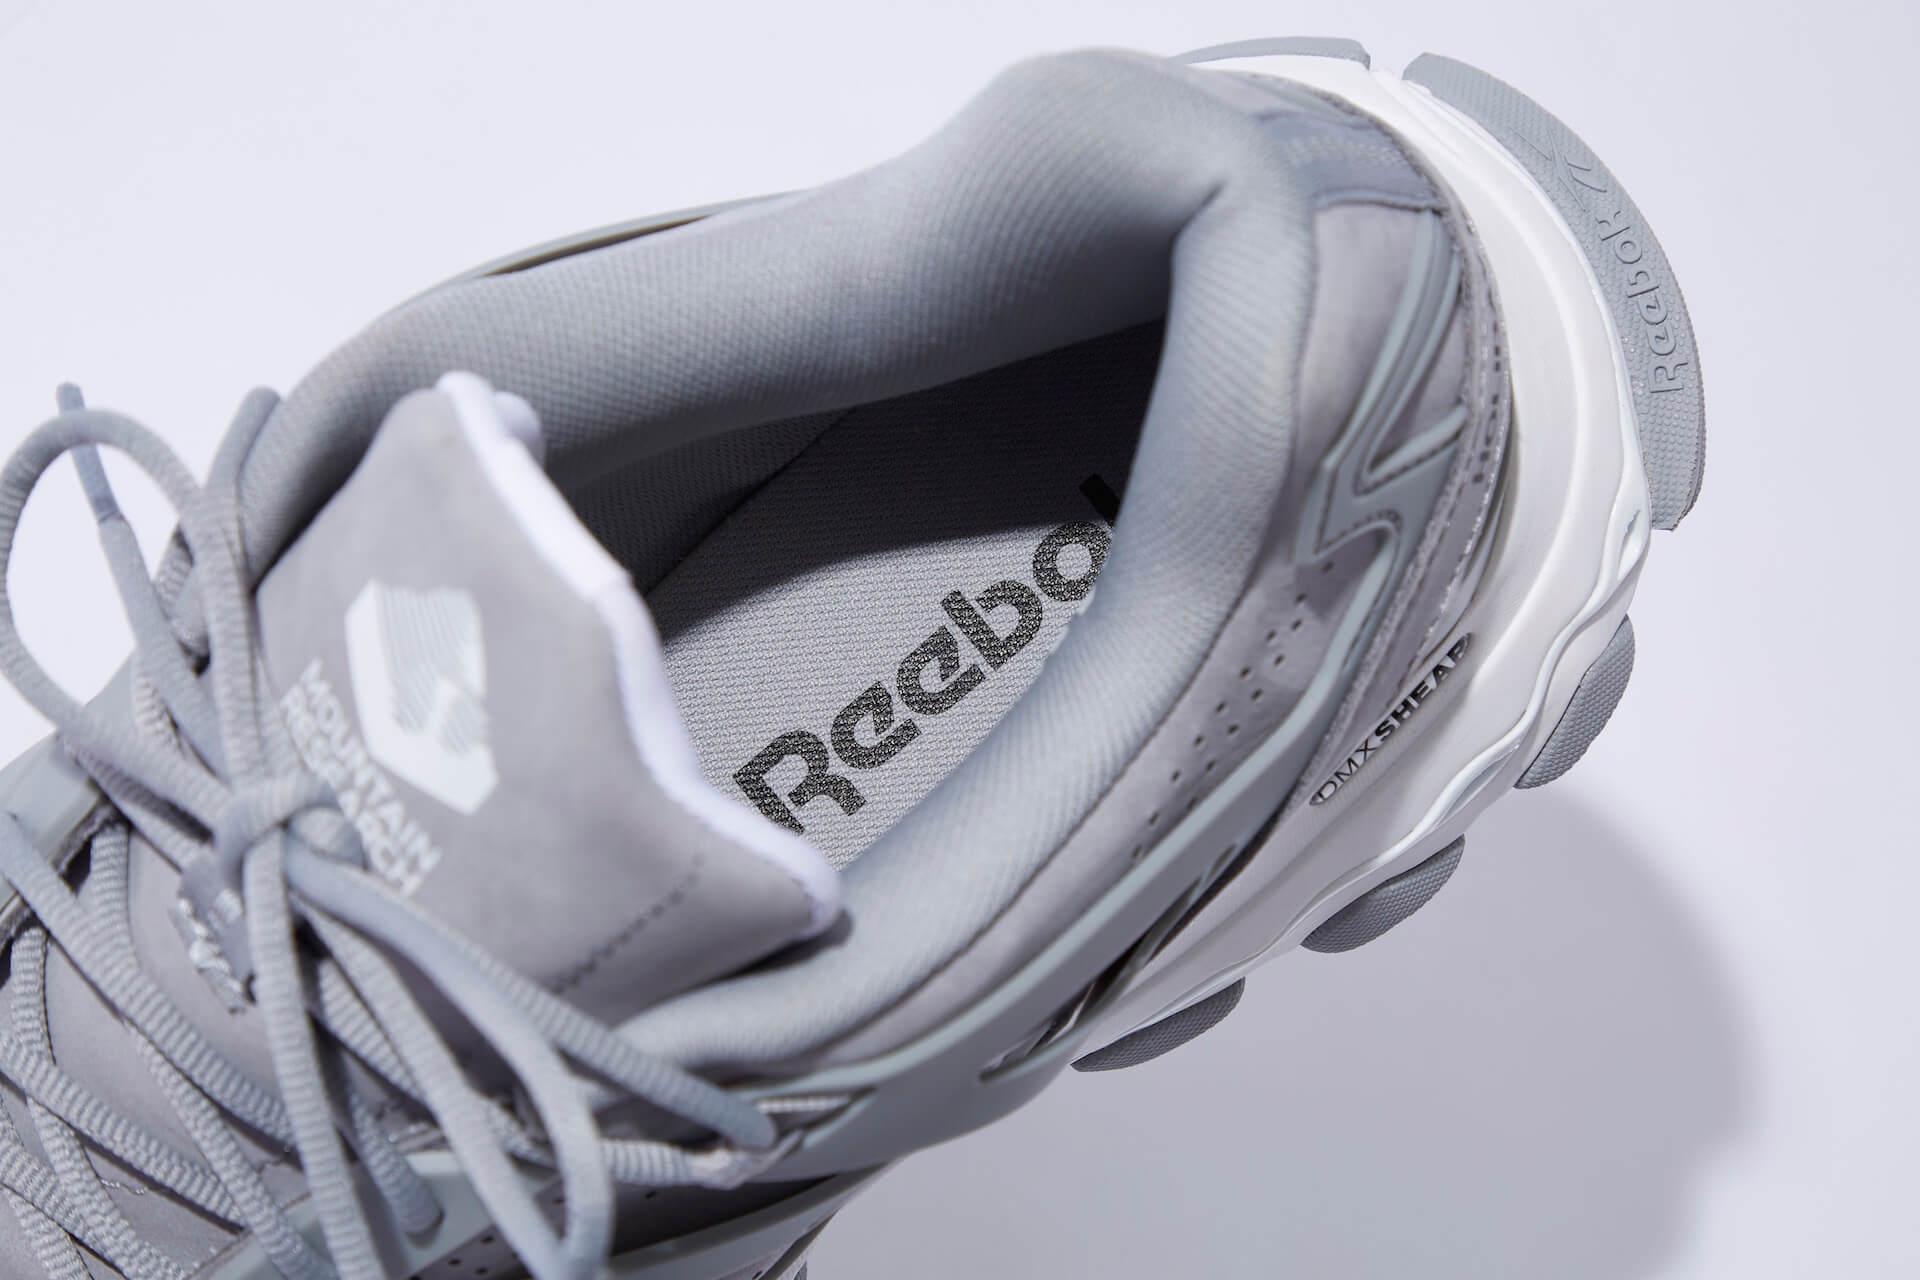 リーボックがMOUNTAIN RESEARCHとのコラボ第4弾となるスニーカー「DMX TRAIL SHADOW」を発売決定! life201001_reebok_mountainresearch_7